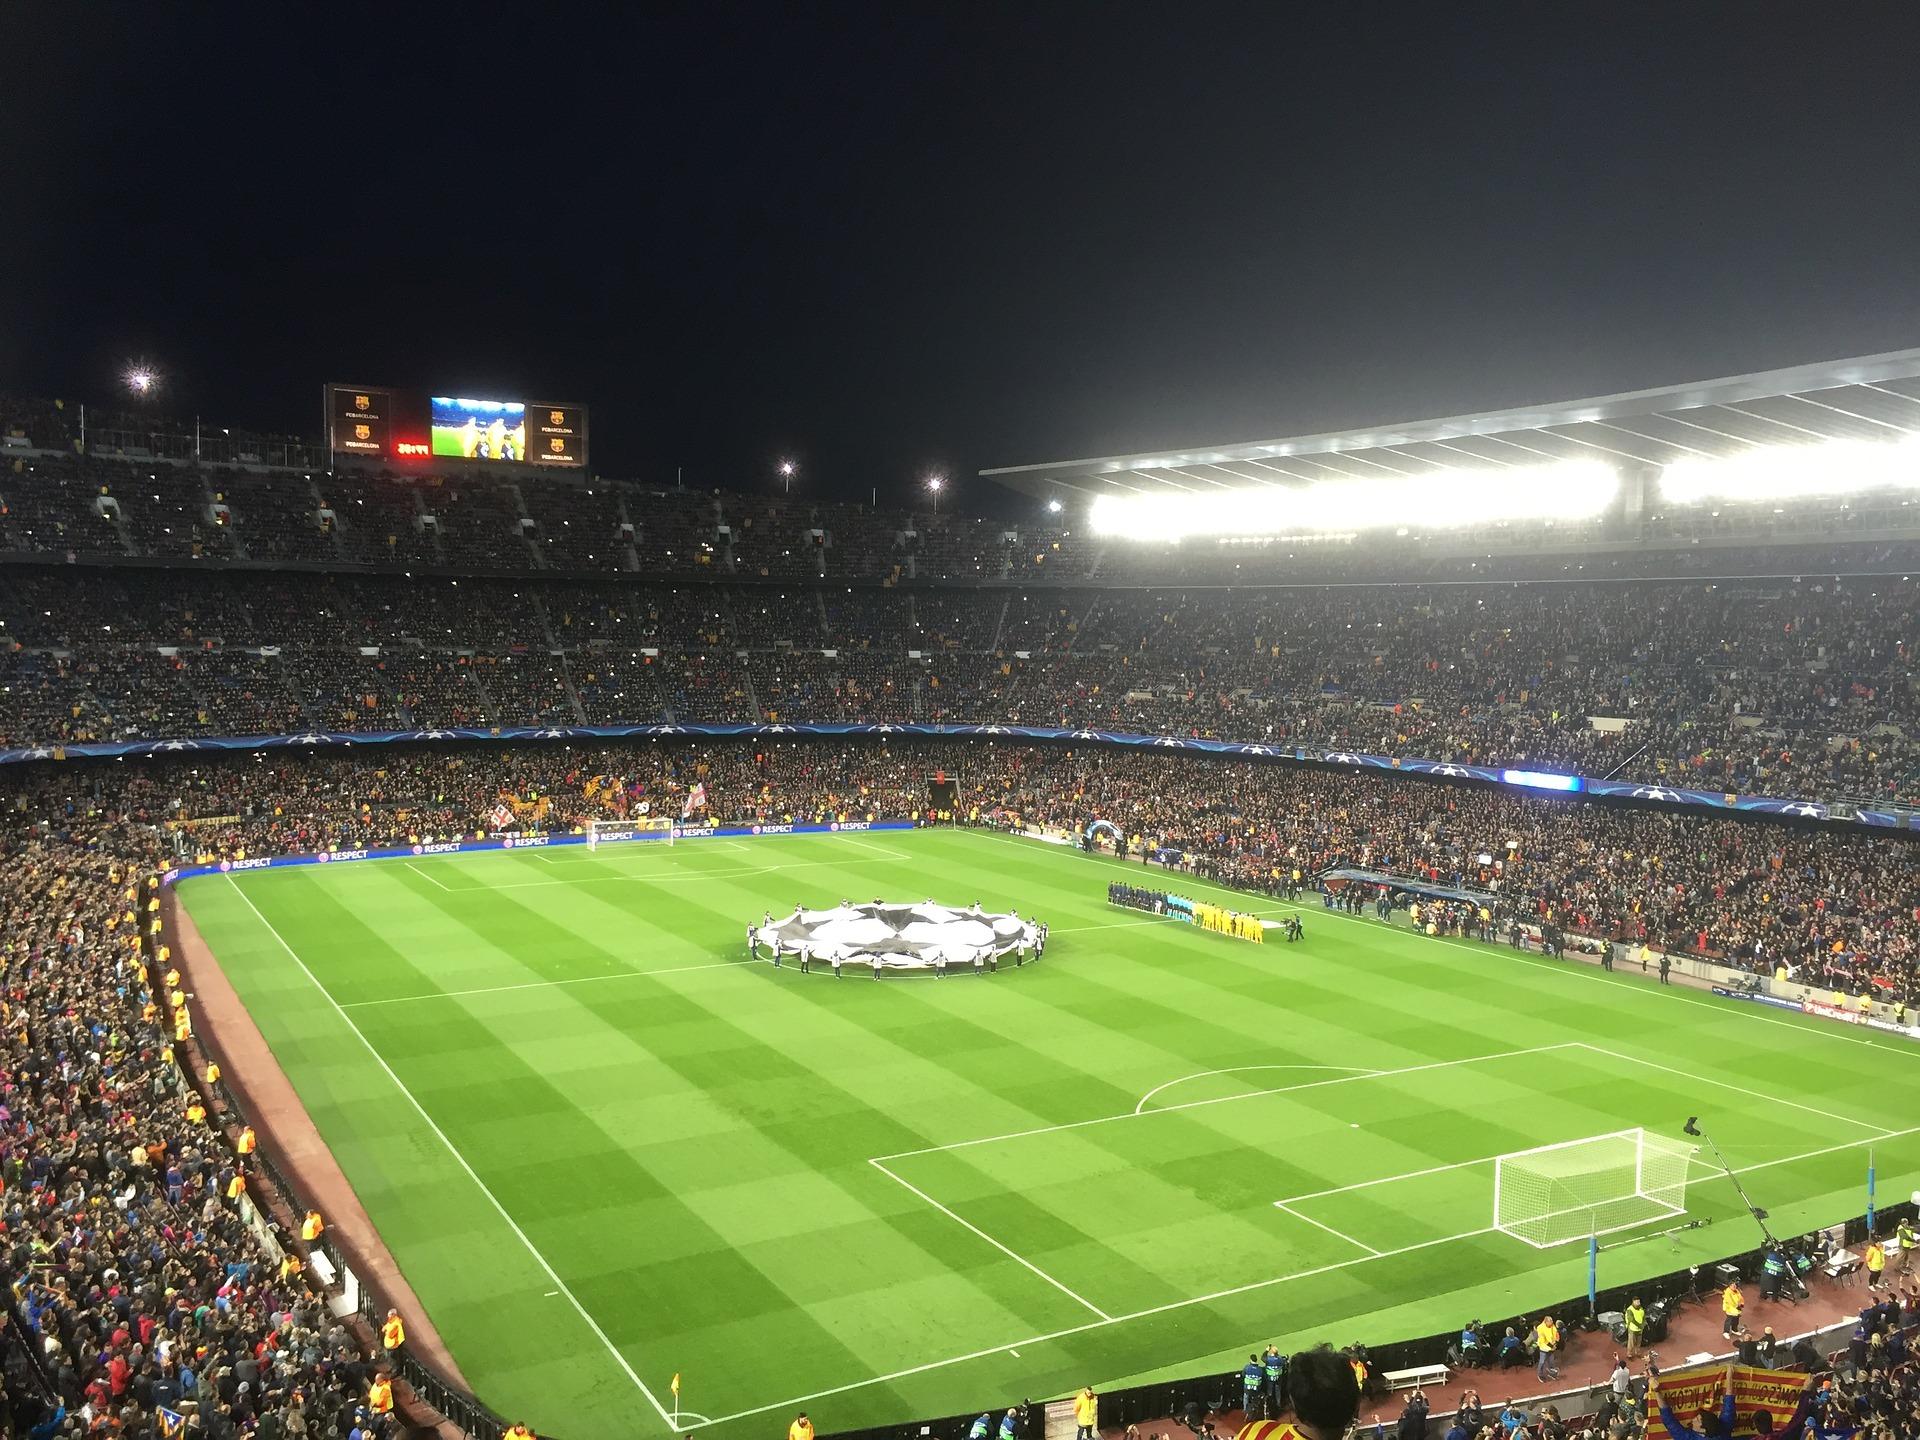 Liga Mistrzów to jeden z najbardziej prestiżowych turniejów piłki nożnej w Europie